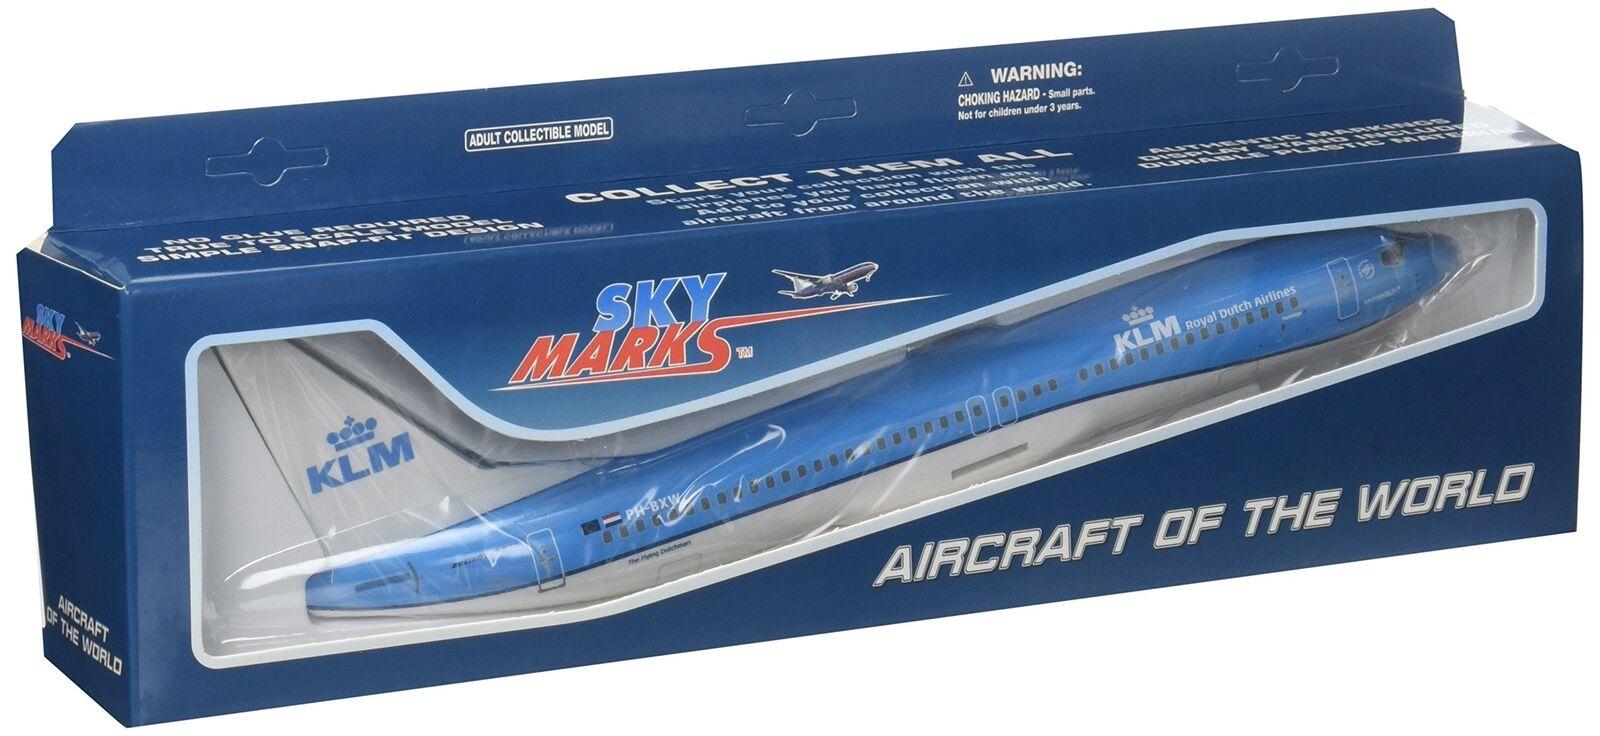 SKR844 Skymarks KLM 737-800 1 130 nuevo modelo de avión librea